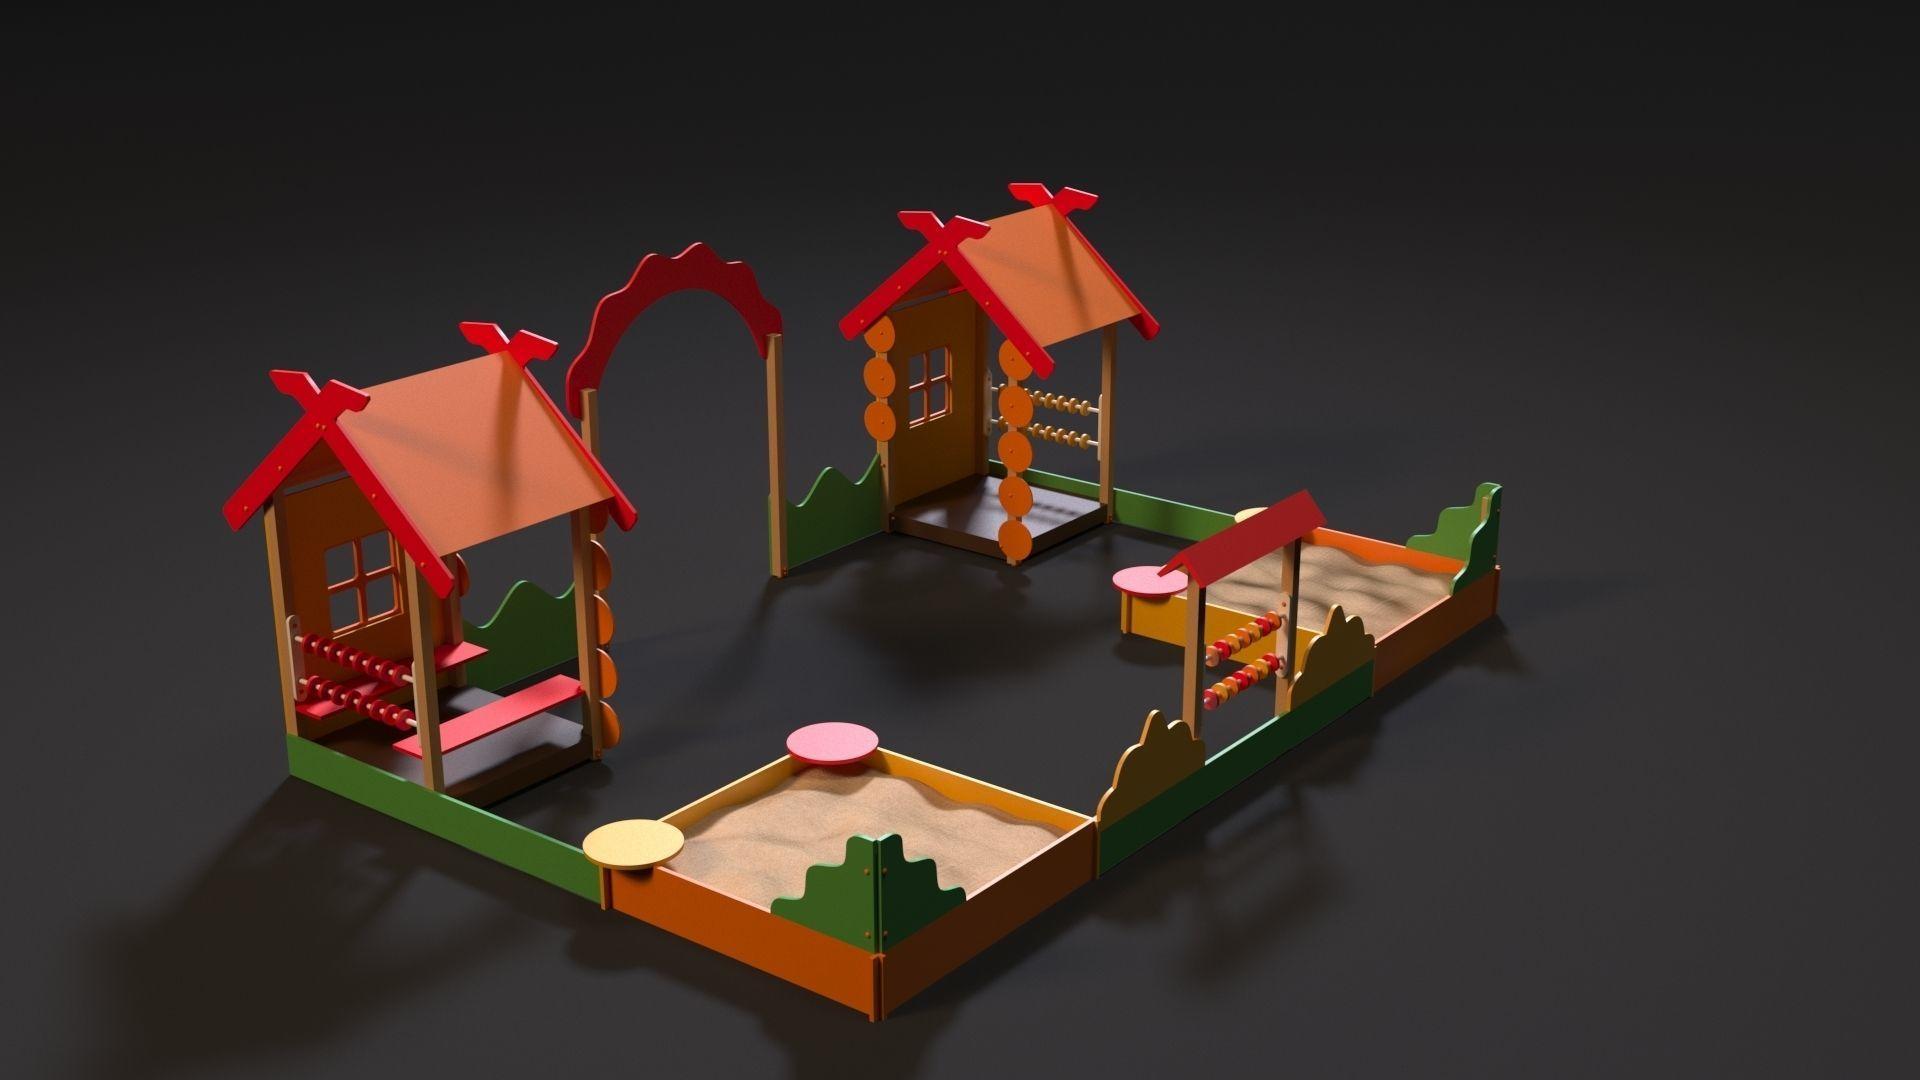 Playground sand patio